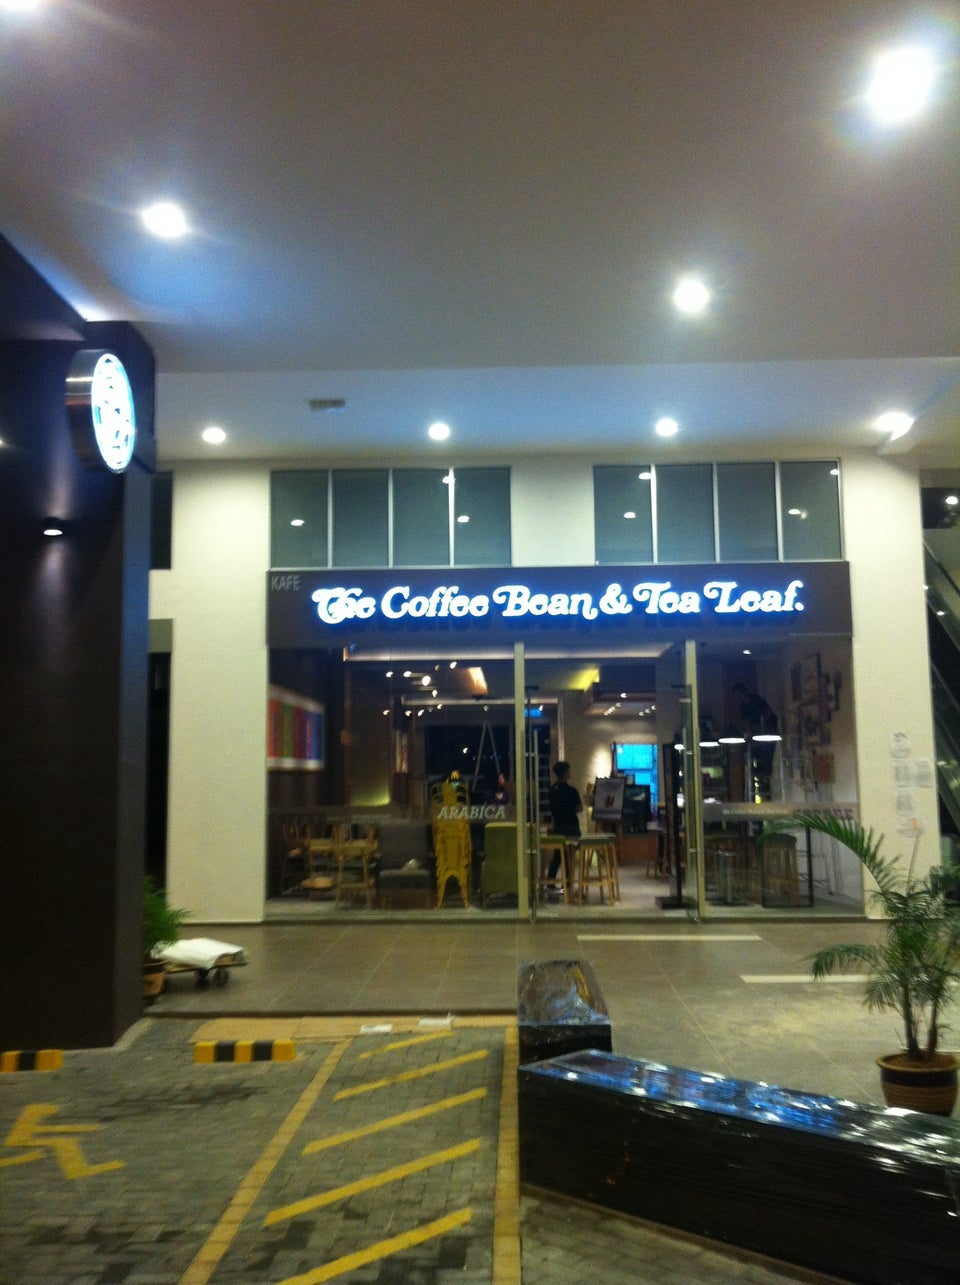 2 Bedroom Suites In Savannah Ga: The Coffee Bean & Tea Leaf, Seremban Gateway